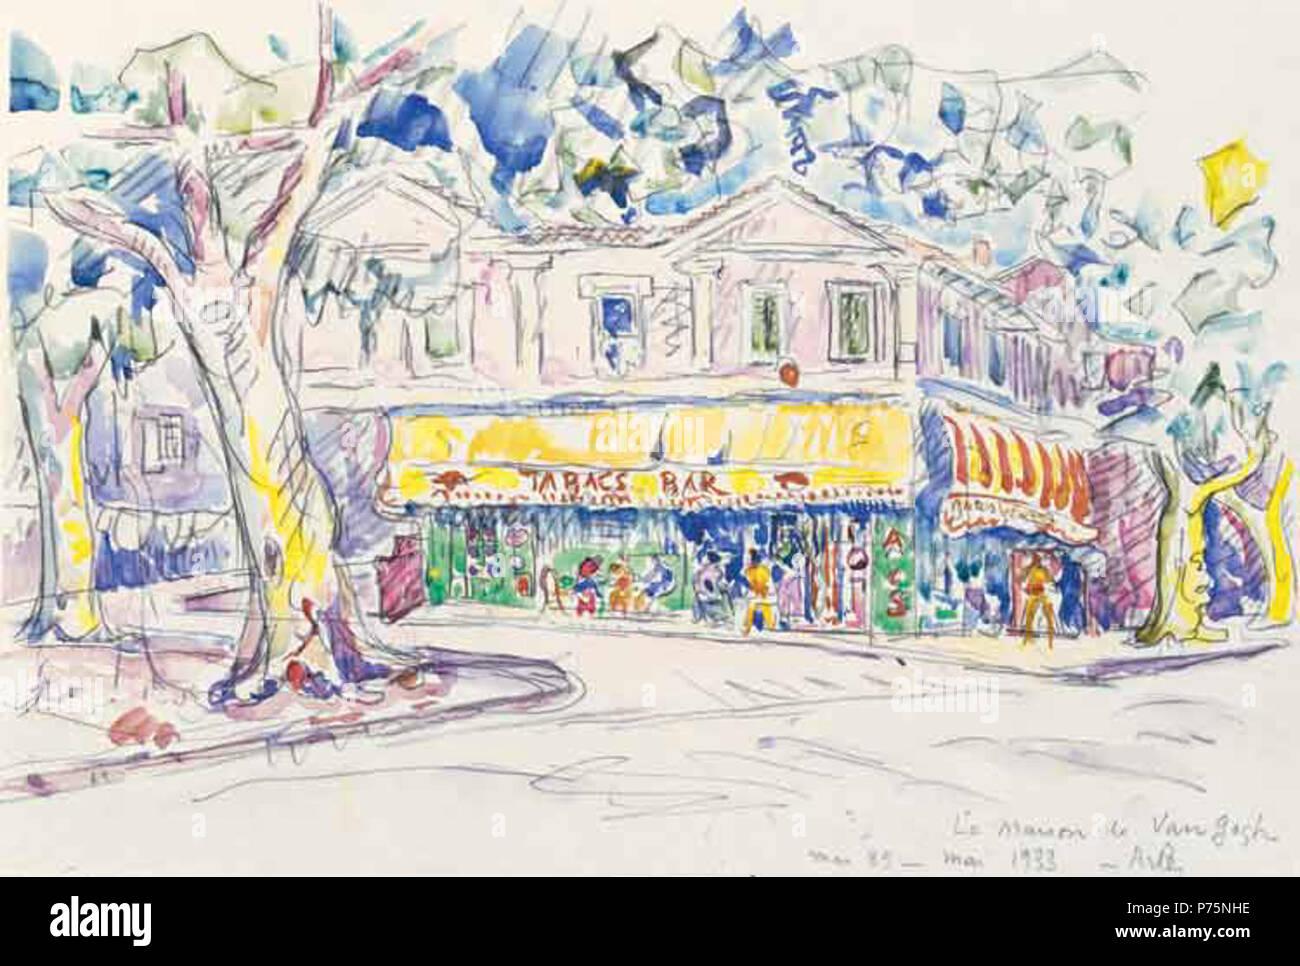 Maison De Van Gogh Photos & Maison De Van Gogh Images - Alamy